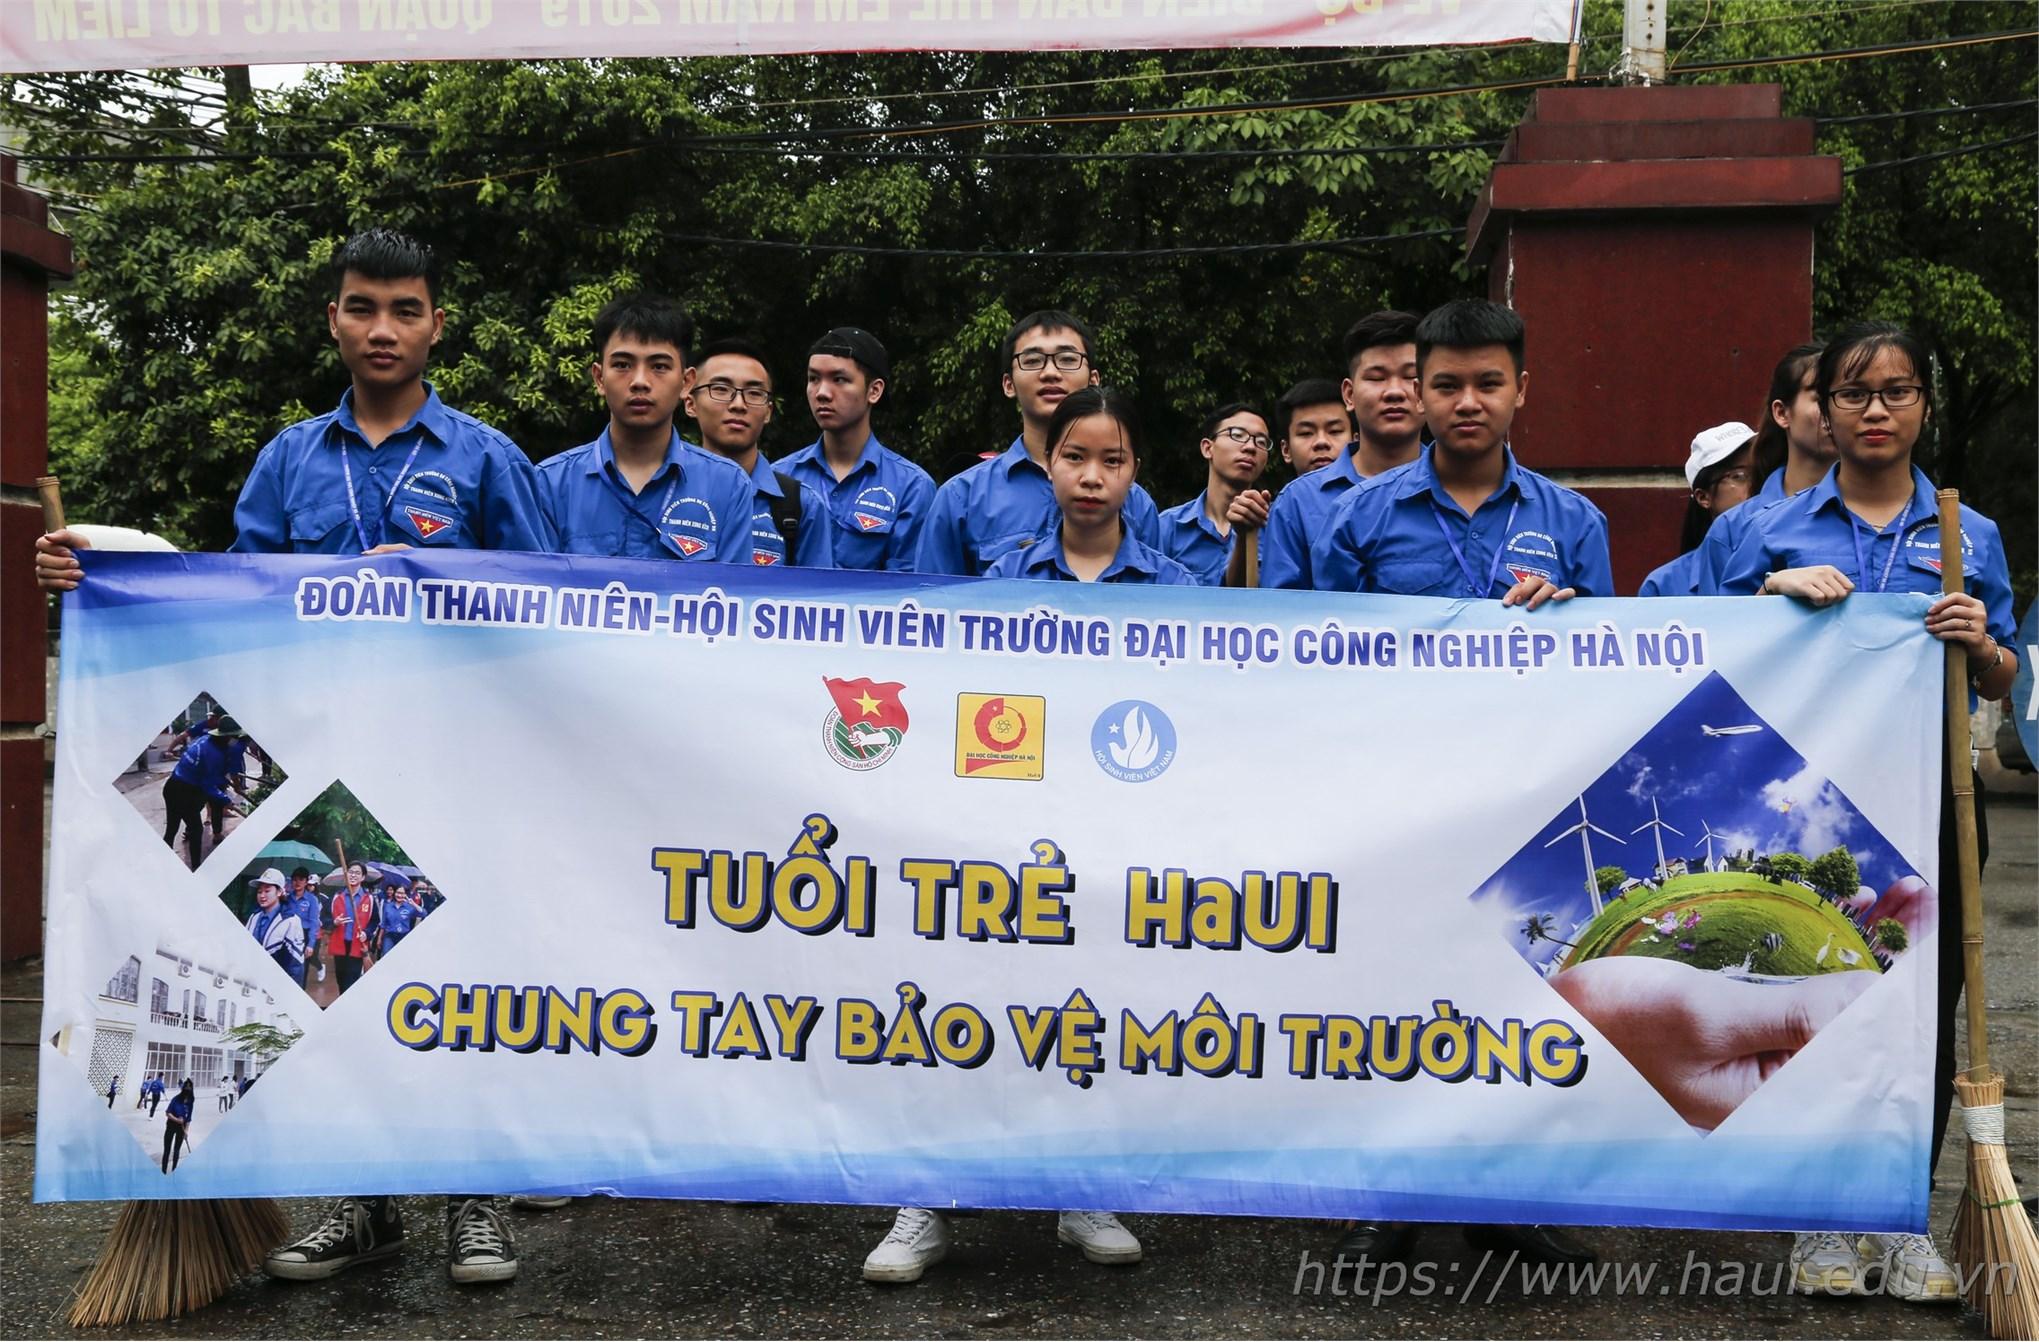 Tuổi trẻ Đại học Công nghiệp Hà Nội ra quân chiến dịch tình nguyện Hè 2019